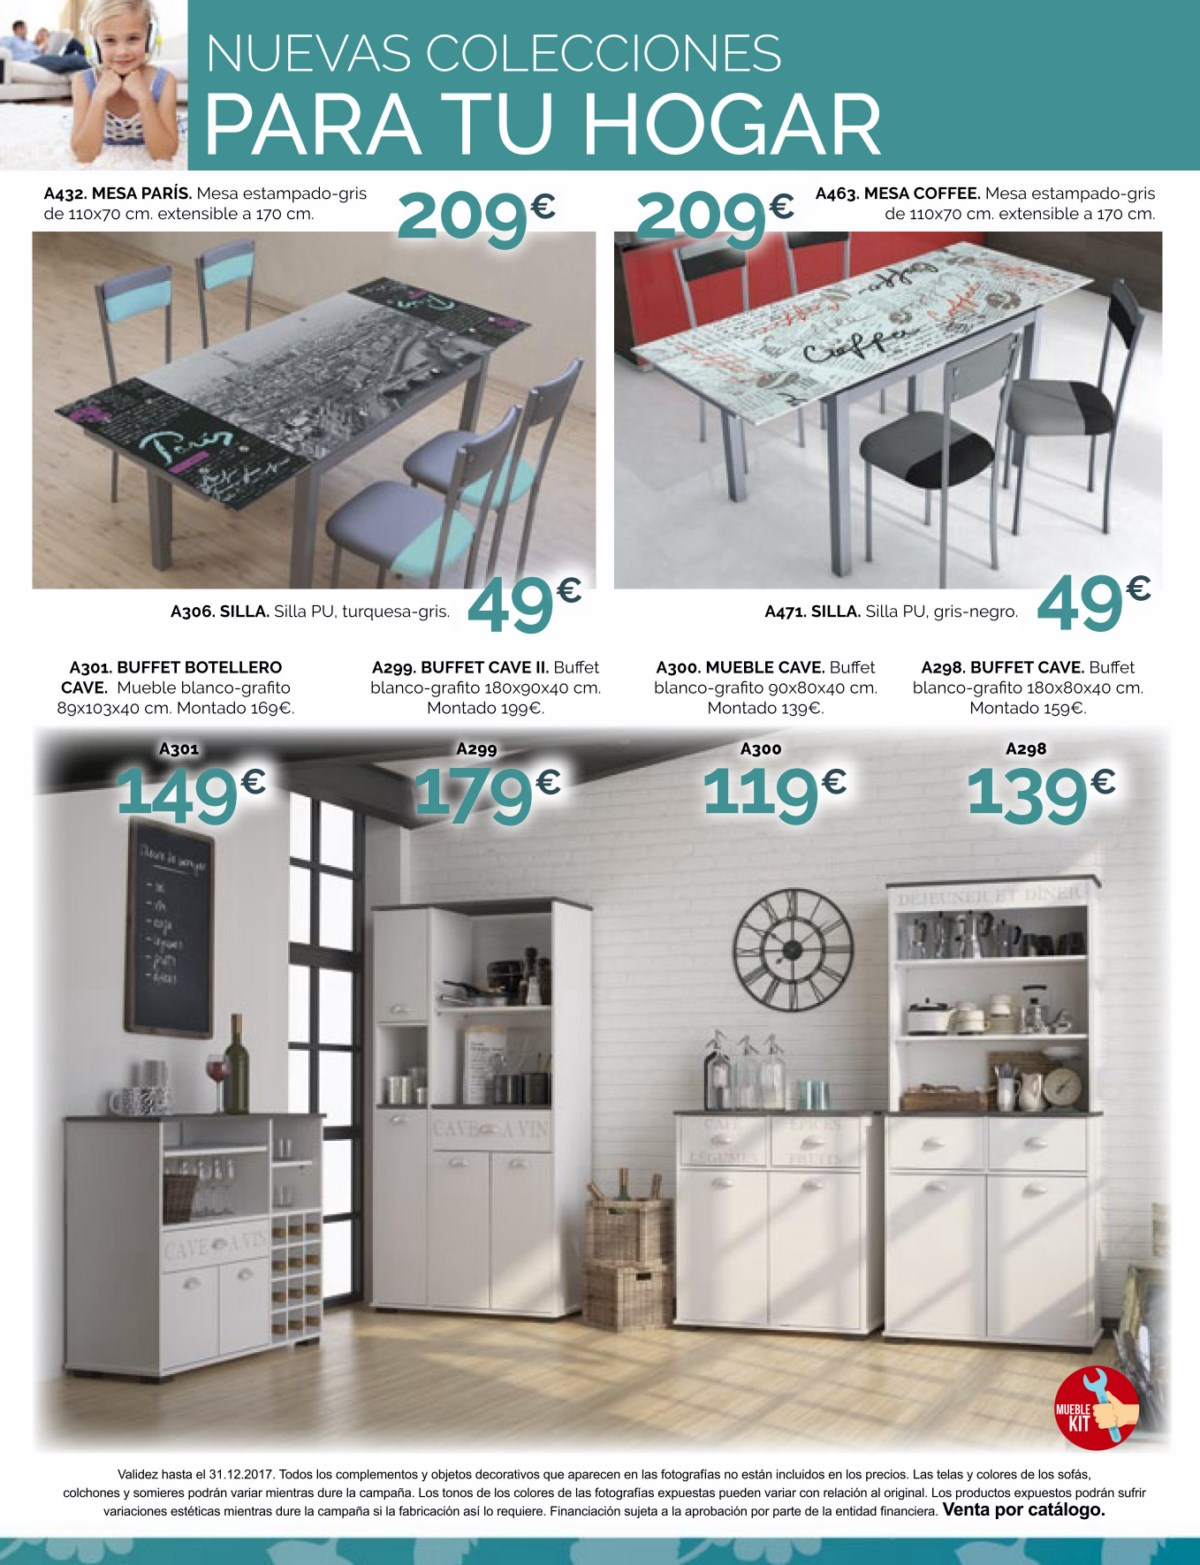 Muebles Carlos Seixas - Muebles Carlos Seixas Catalogos Y Ofertas Muebles Seixas [mjhdah]http://muebles-seixas.com/wp-content/uploads/2015/04/NUEVAS-COLECCIONES-PARA-TU-HOGAR_16.jpg